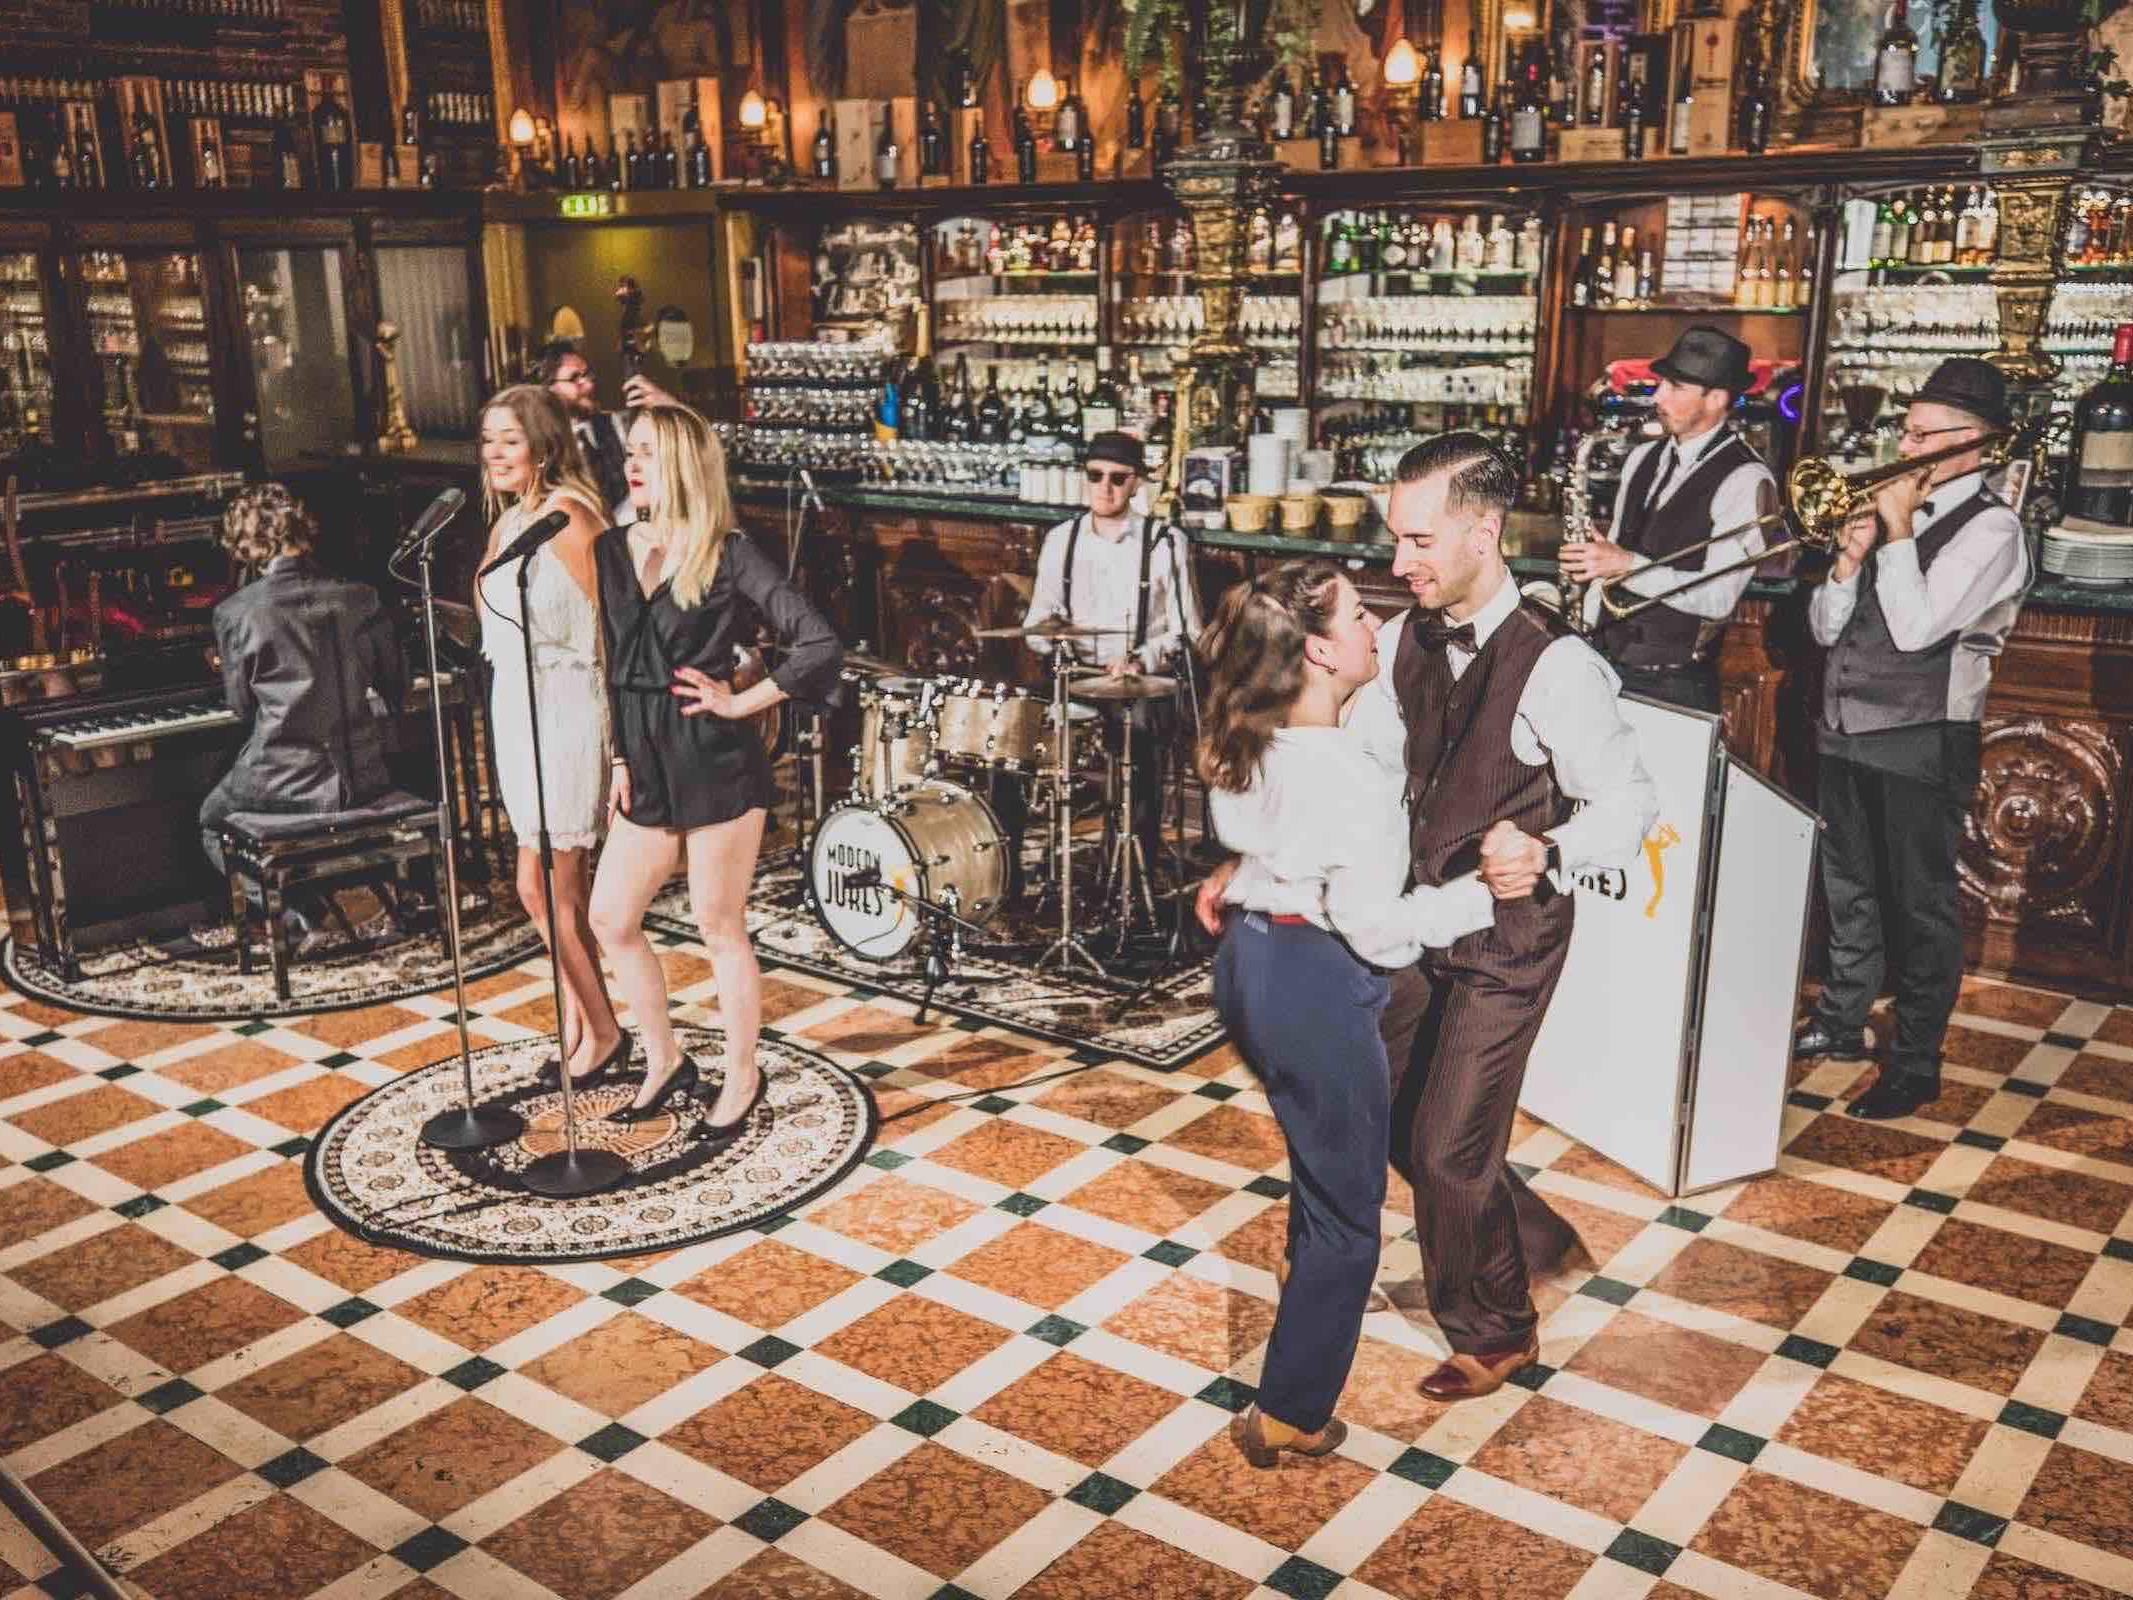 Band | Hamburg | Liveband | Livemusik | Partyband | Popband | Jazzband | Swingband | Lounge | Pop | Jazz | Saxophon | Schlagzeug | Celle | Trompete | Hochzeitsband | Firmenfeier | Charity | Gala | Mieten | Anfragen | Hamburgfeiert